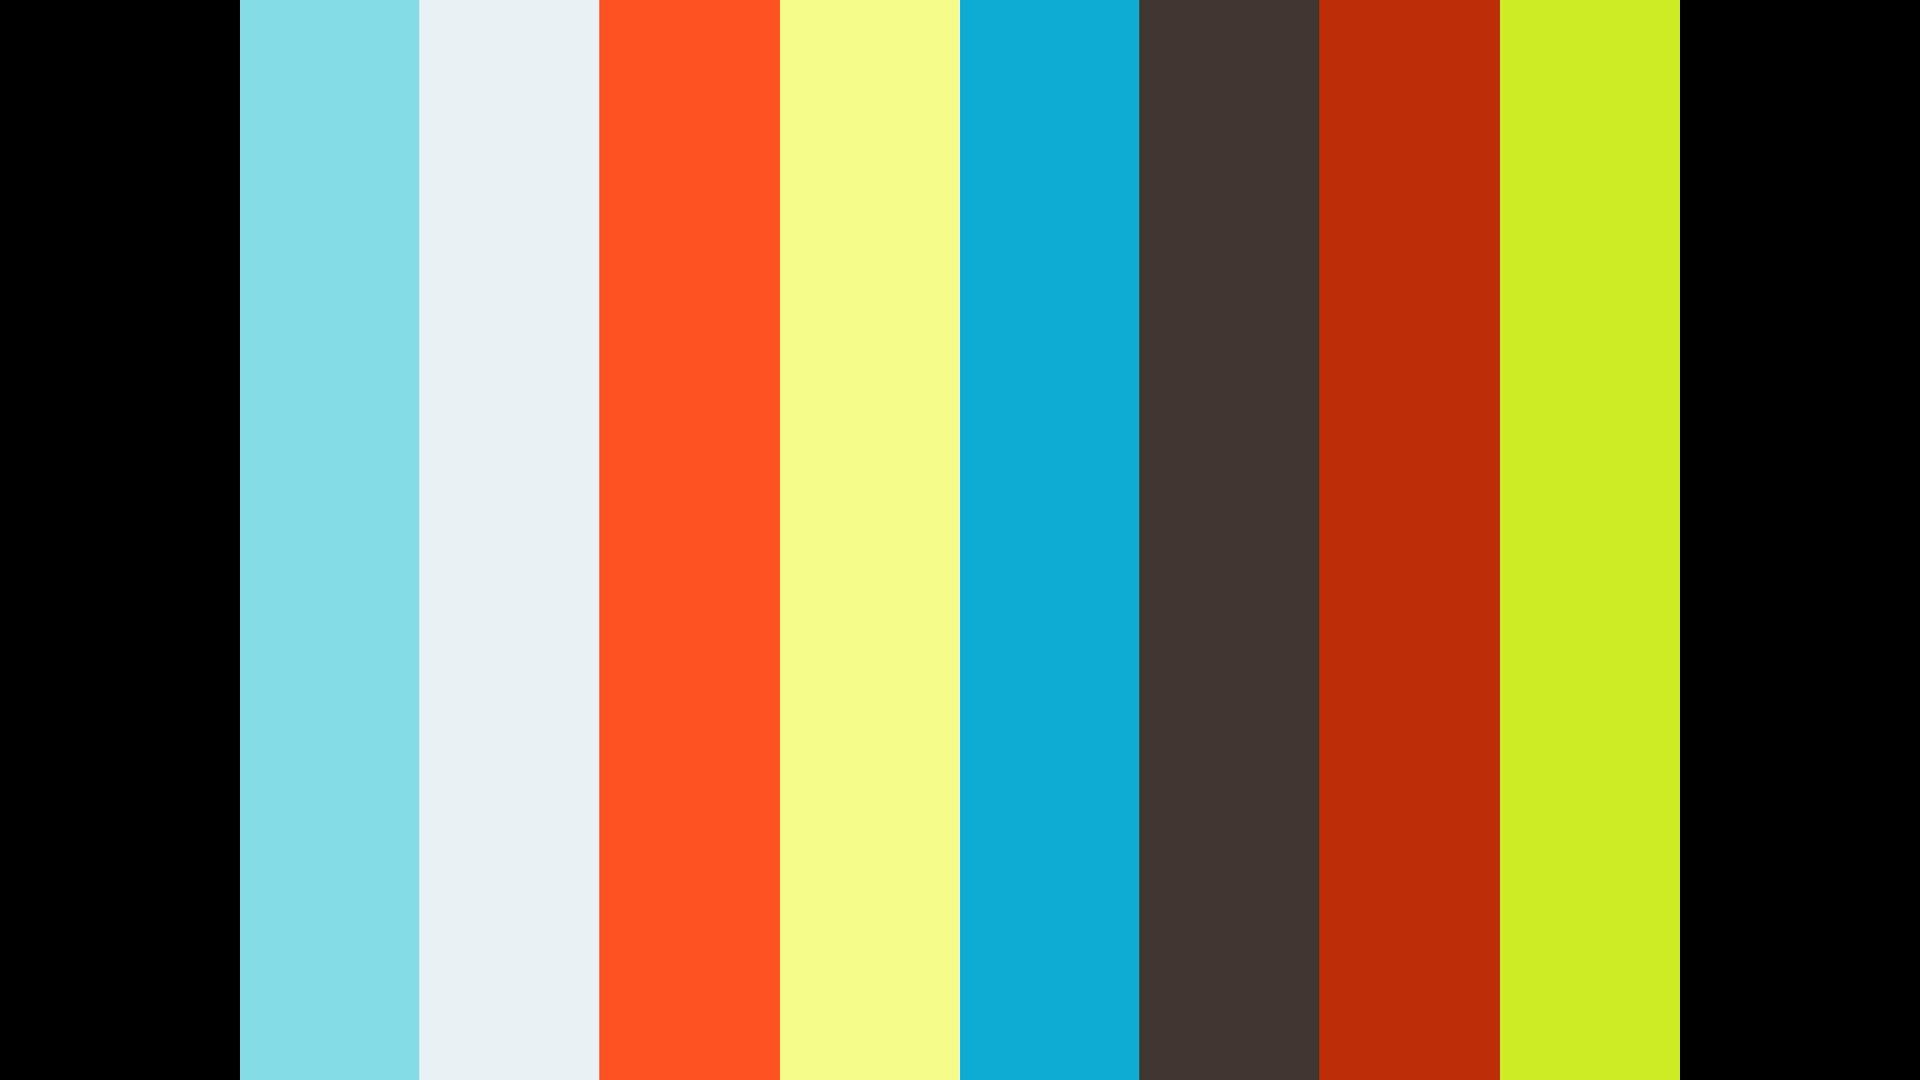 WK_1_SERMONCLIP_1